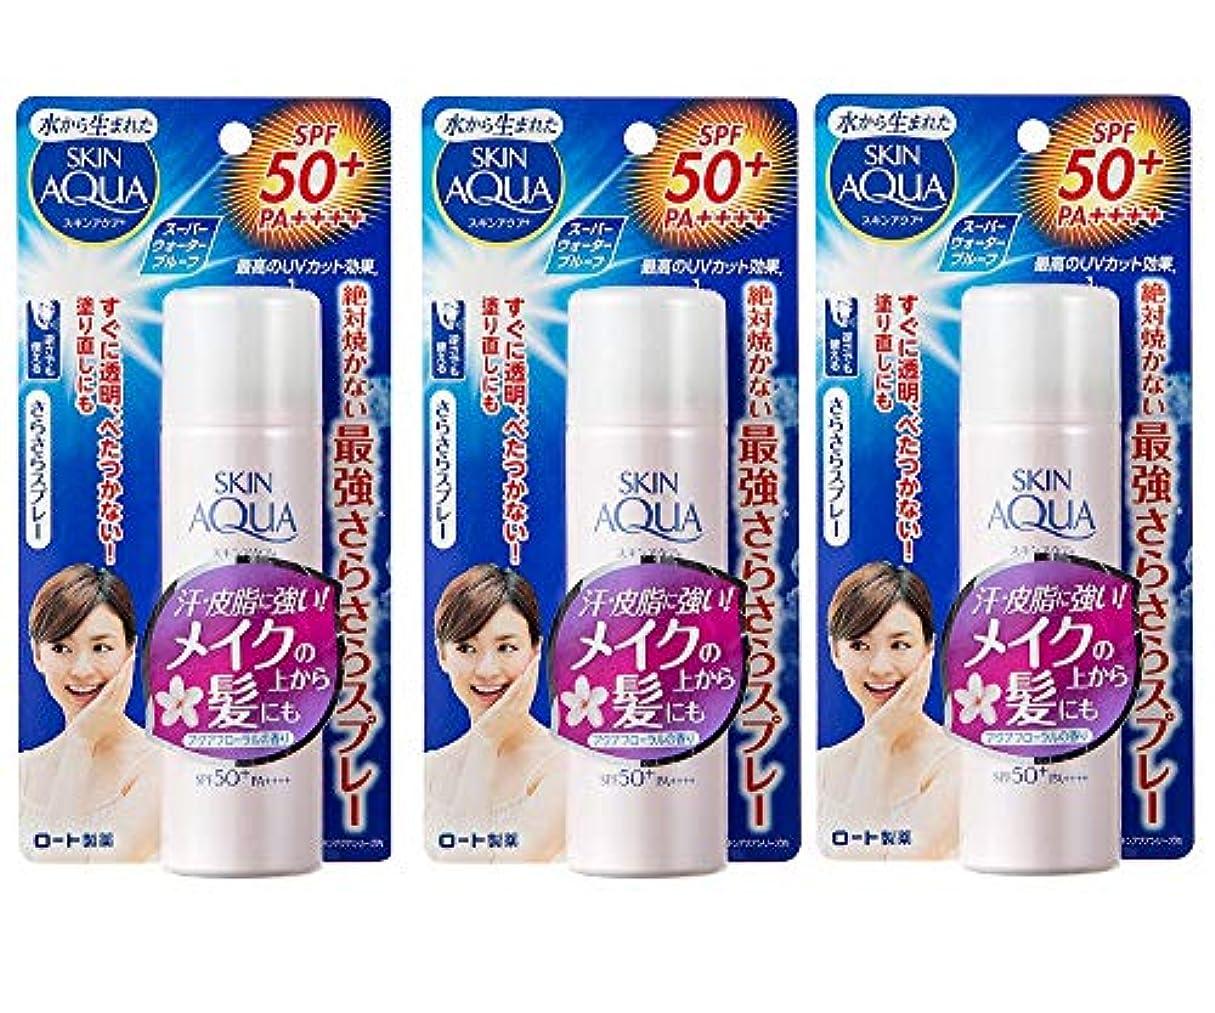 所持乳白色アナニバー(ロート)スキンアクア サラフィットUV さらさらスプレー(SPF50+/PA++++)アクアフローラルの香り50g(お買い得3個セット)